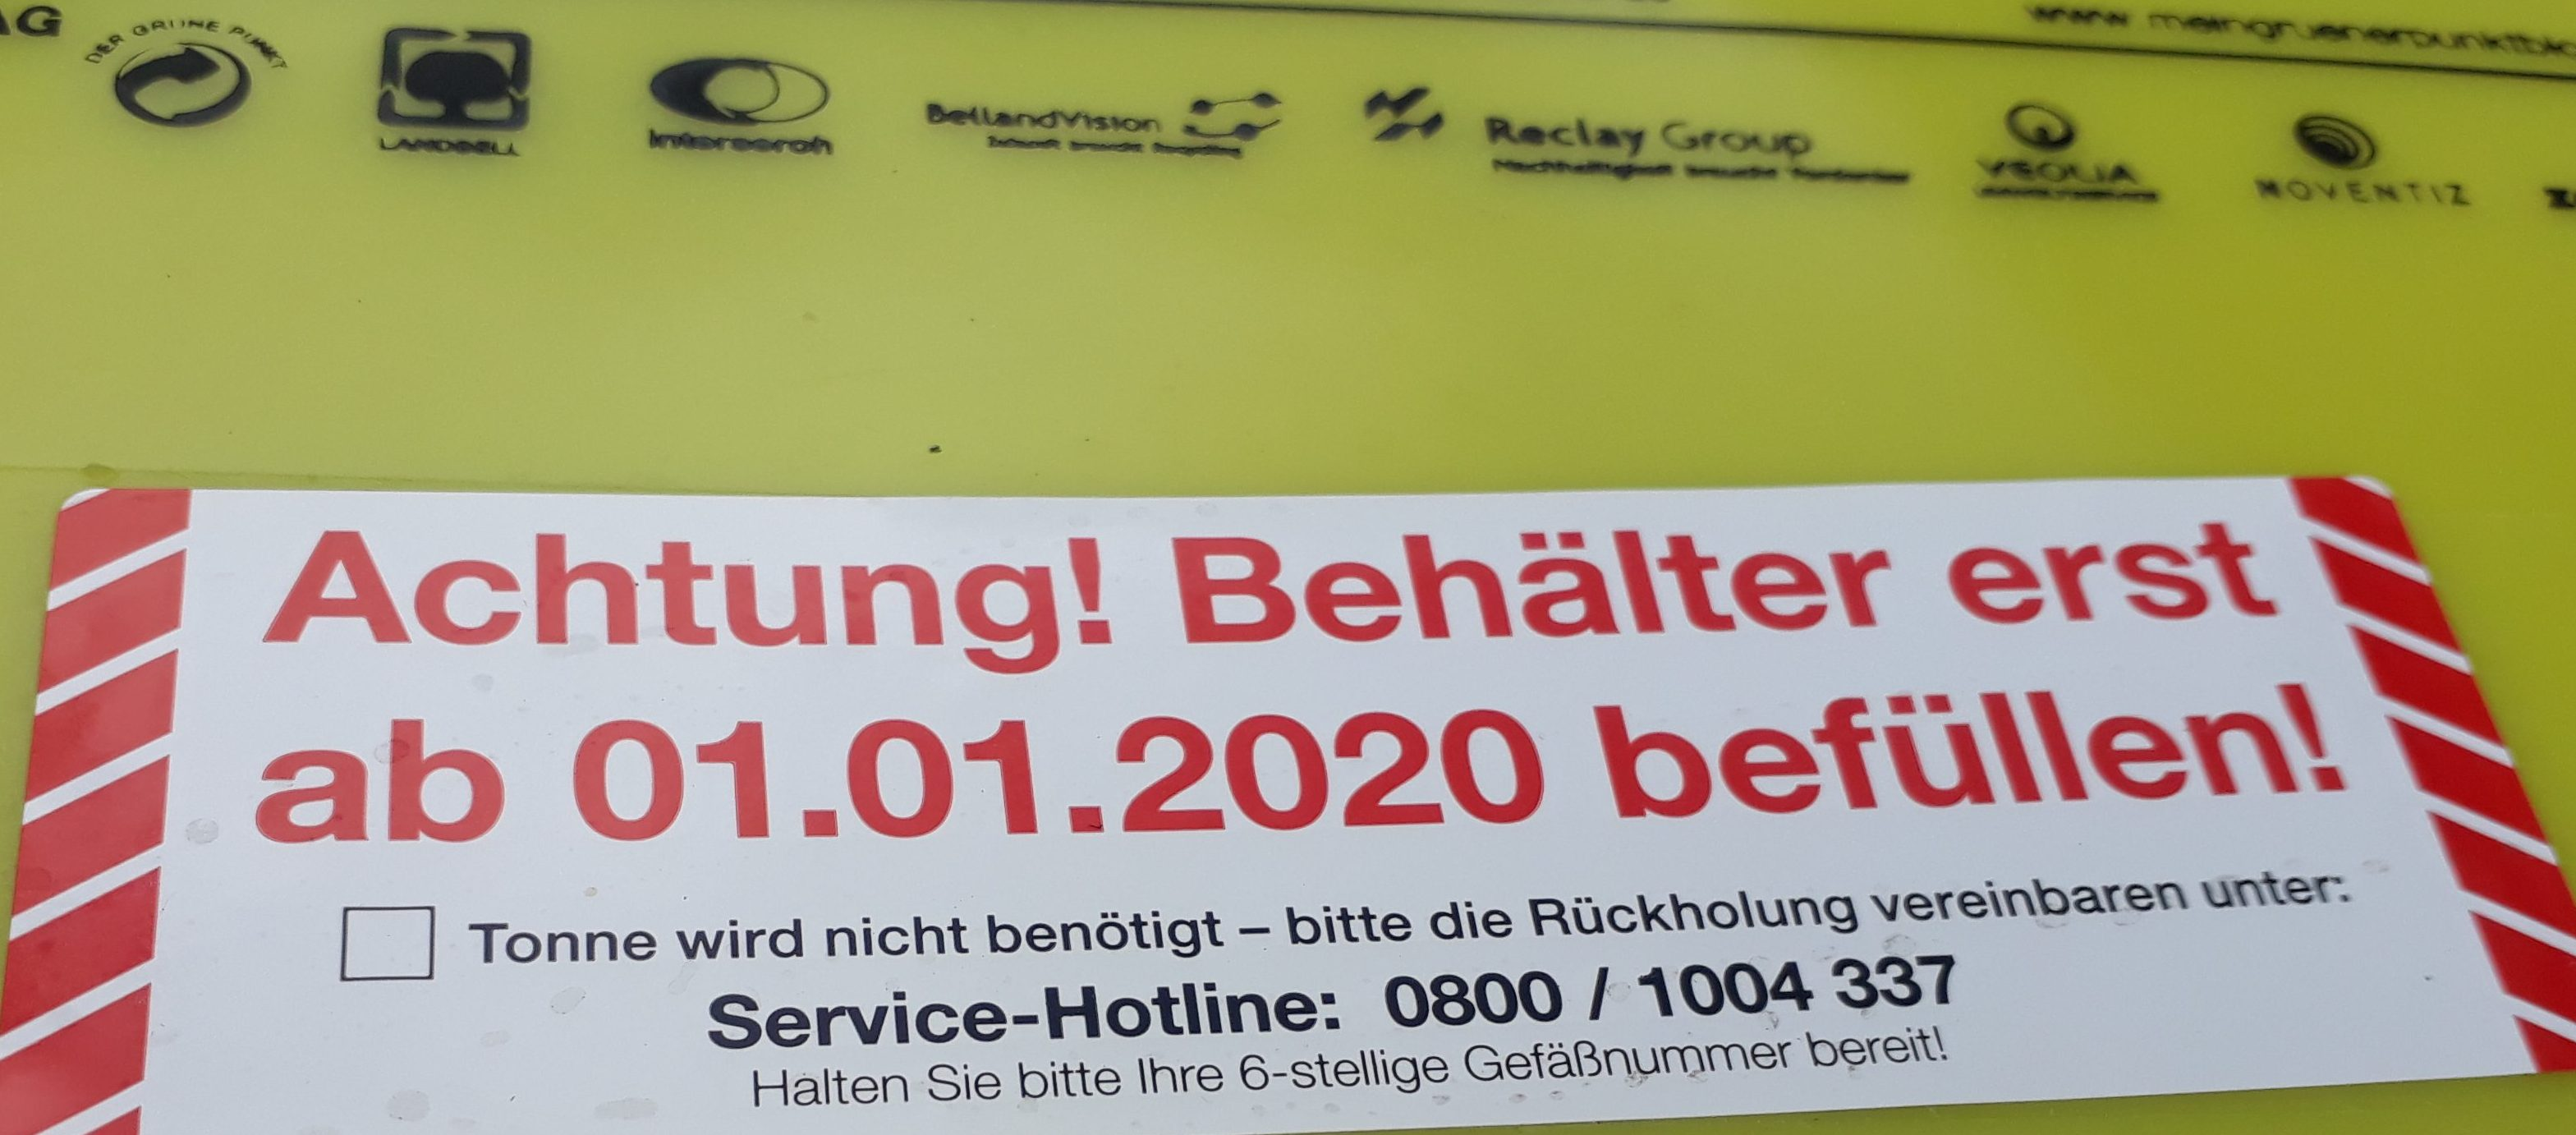 Gelbe Tonne: erst ab 01.01.2020 nutzbar, stehen aber jetzt schon im Weg herum.